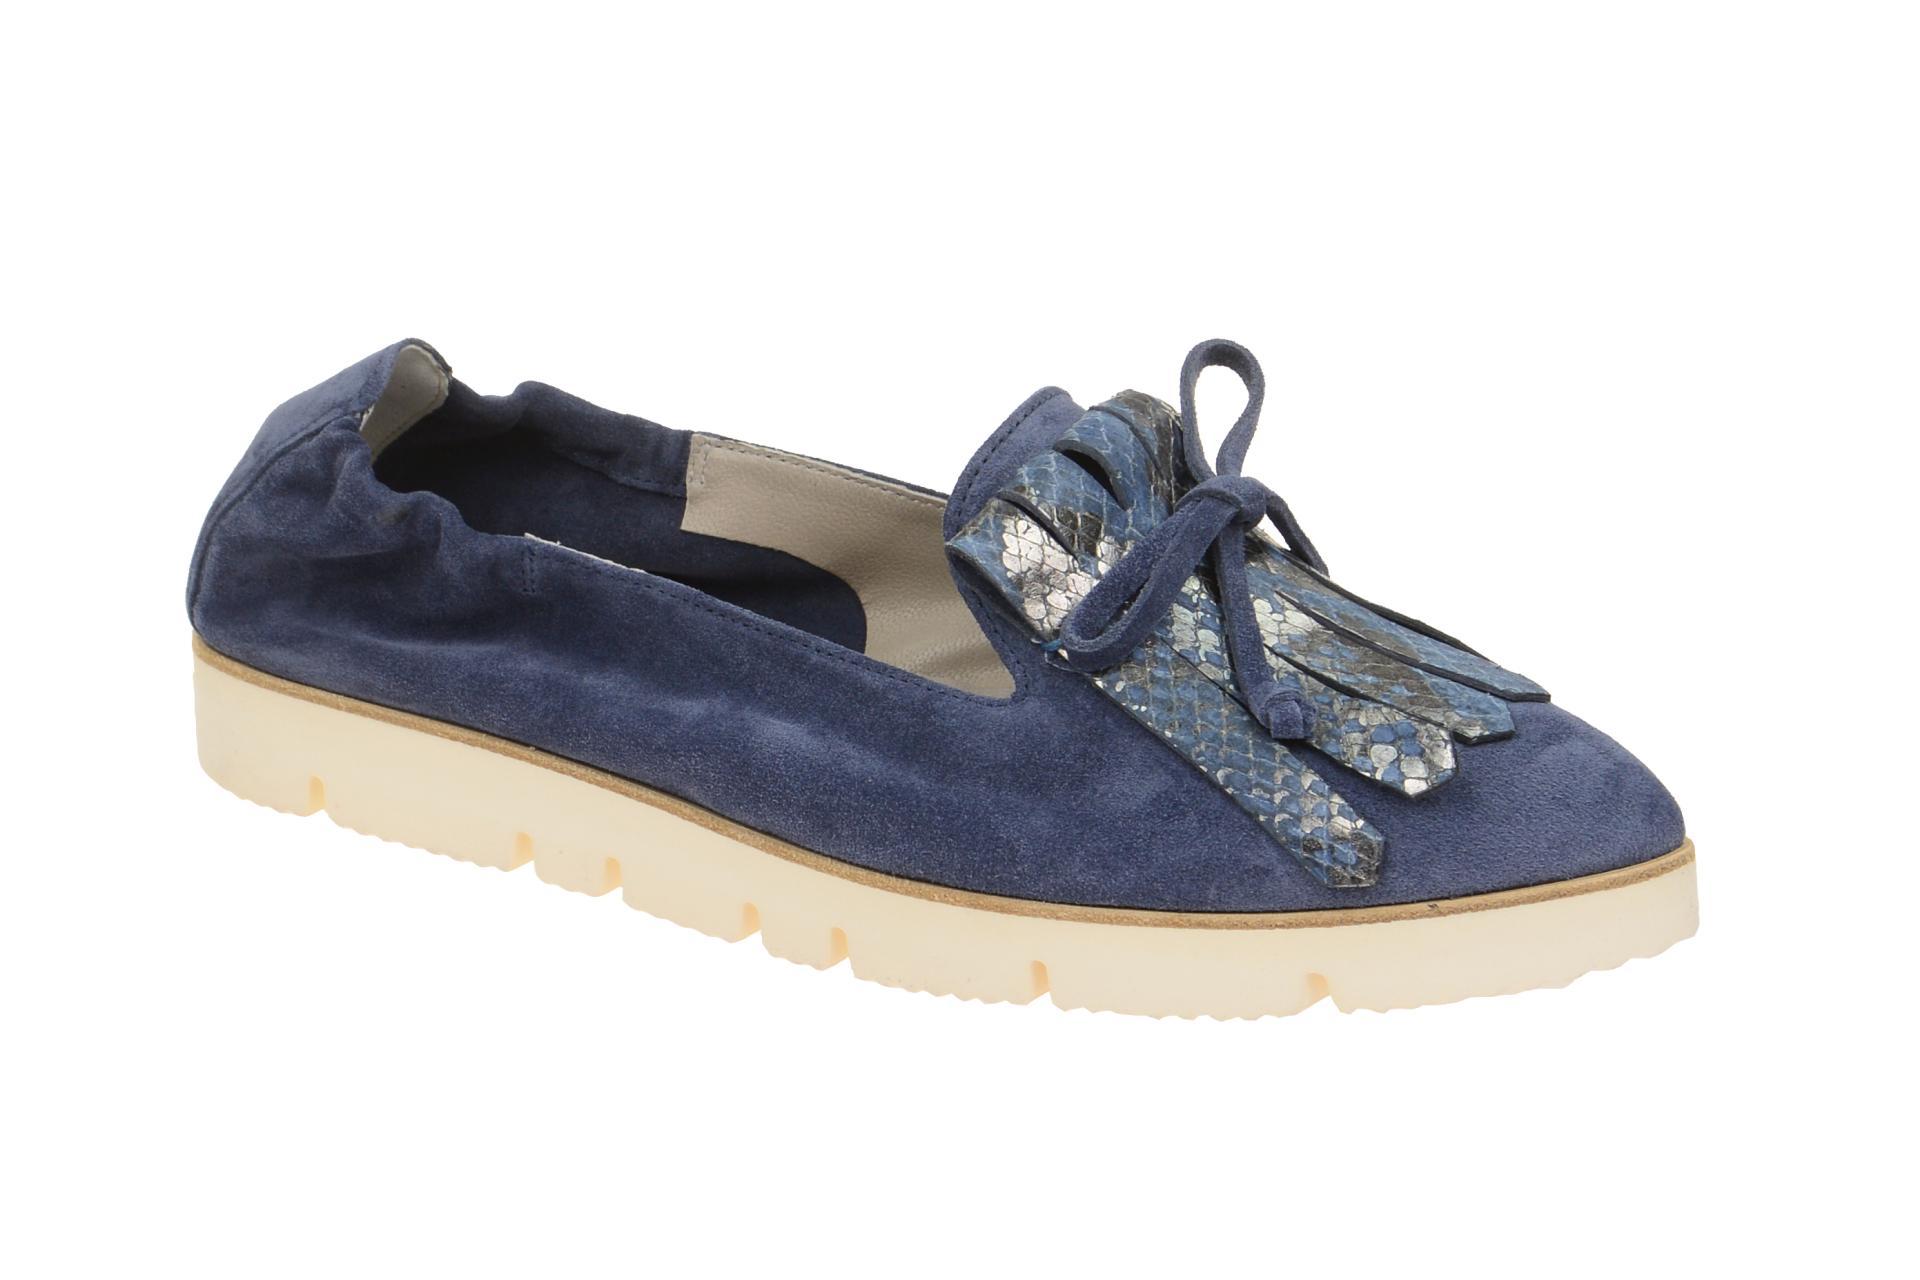 5b4435e1a3a939 K+S Pia X Plateau Ballerina blau jeans - Schuhhaus Strauch Shop